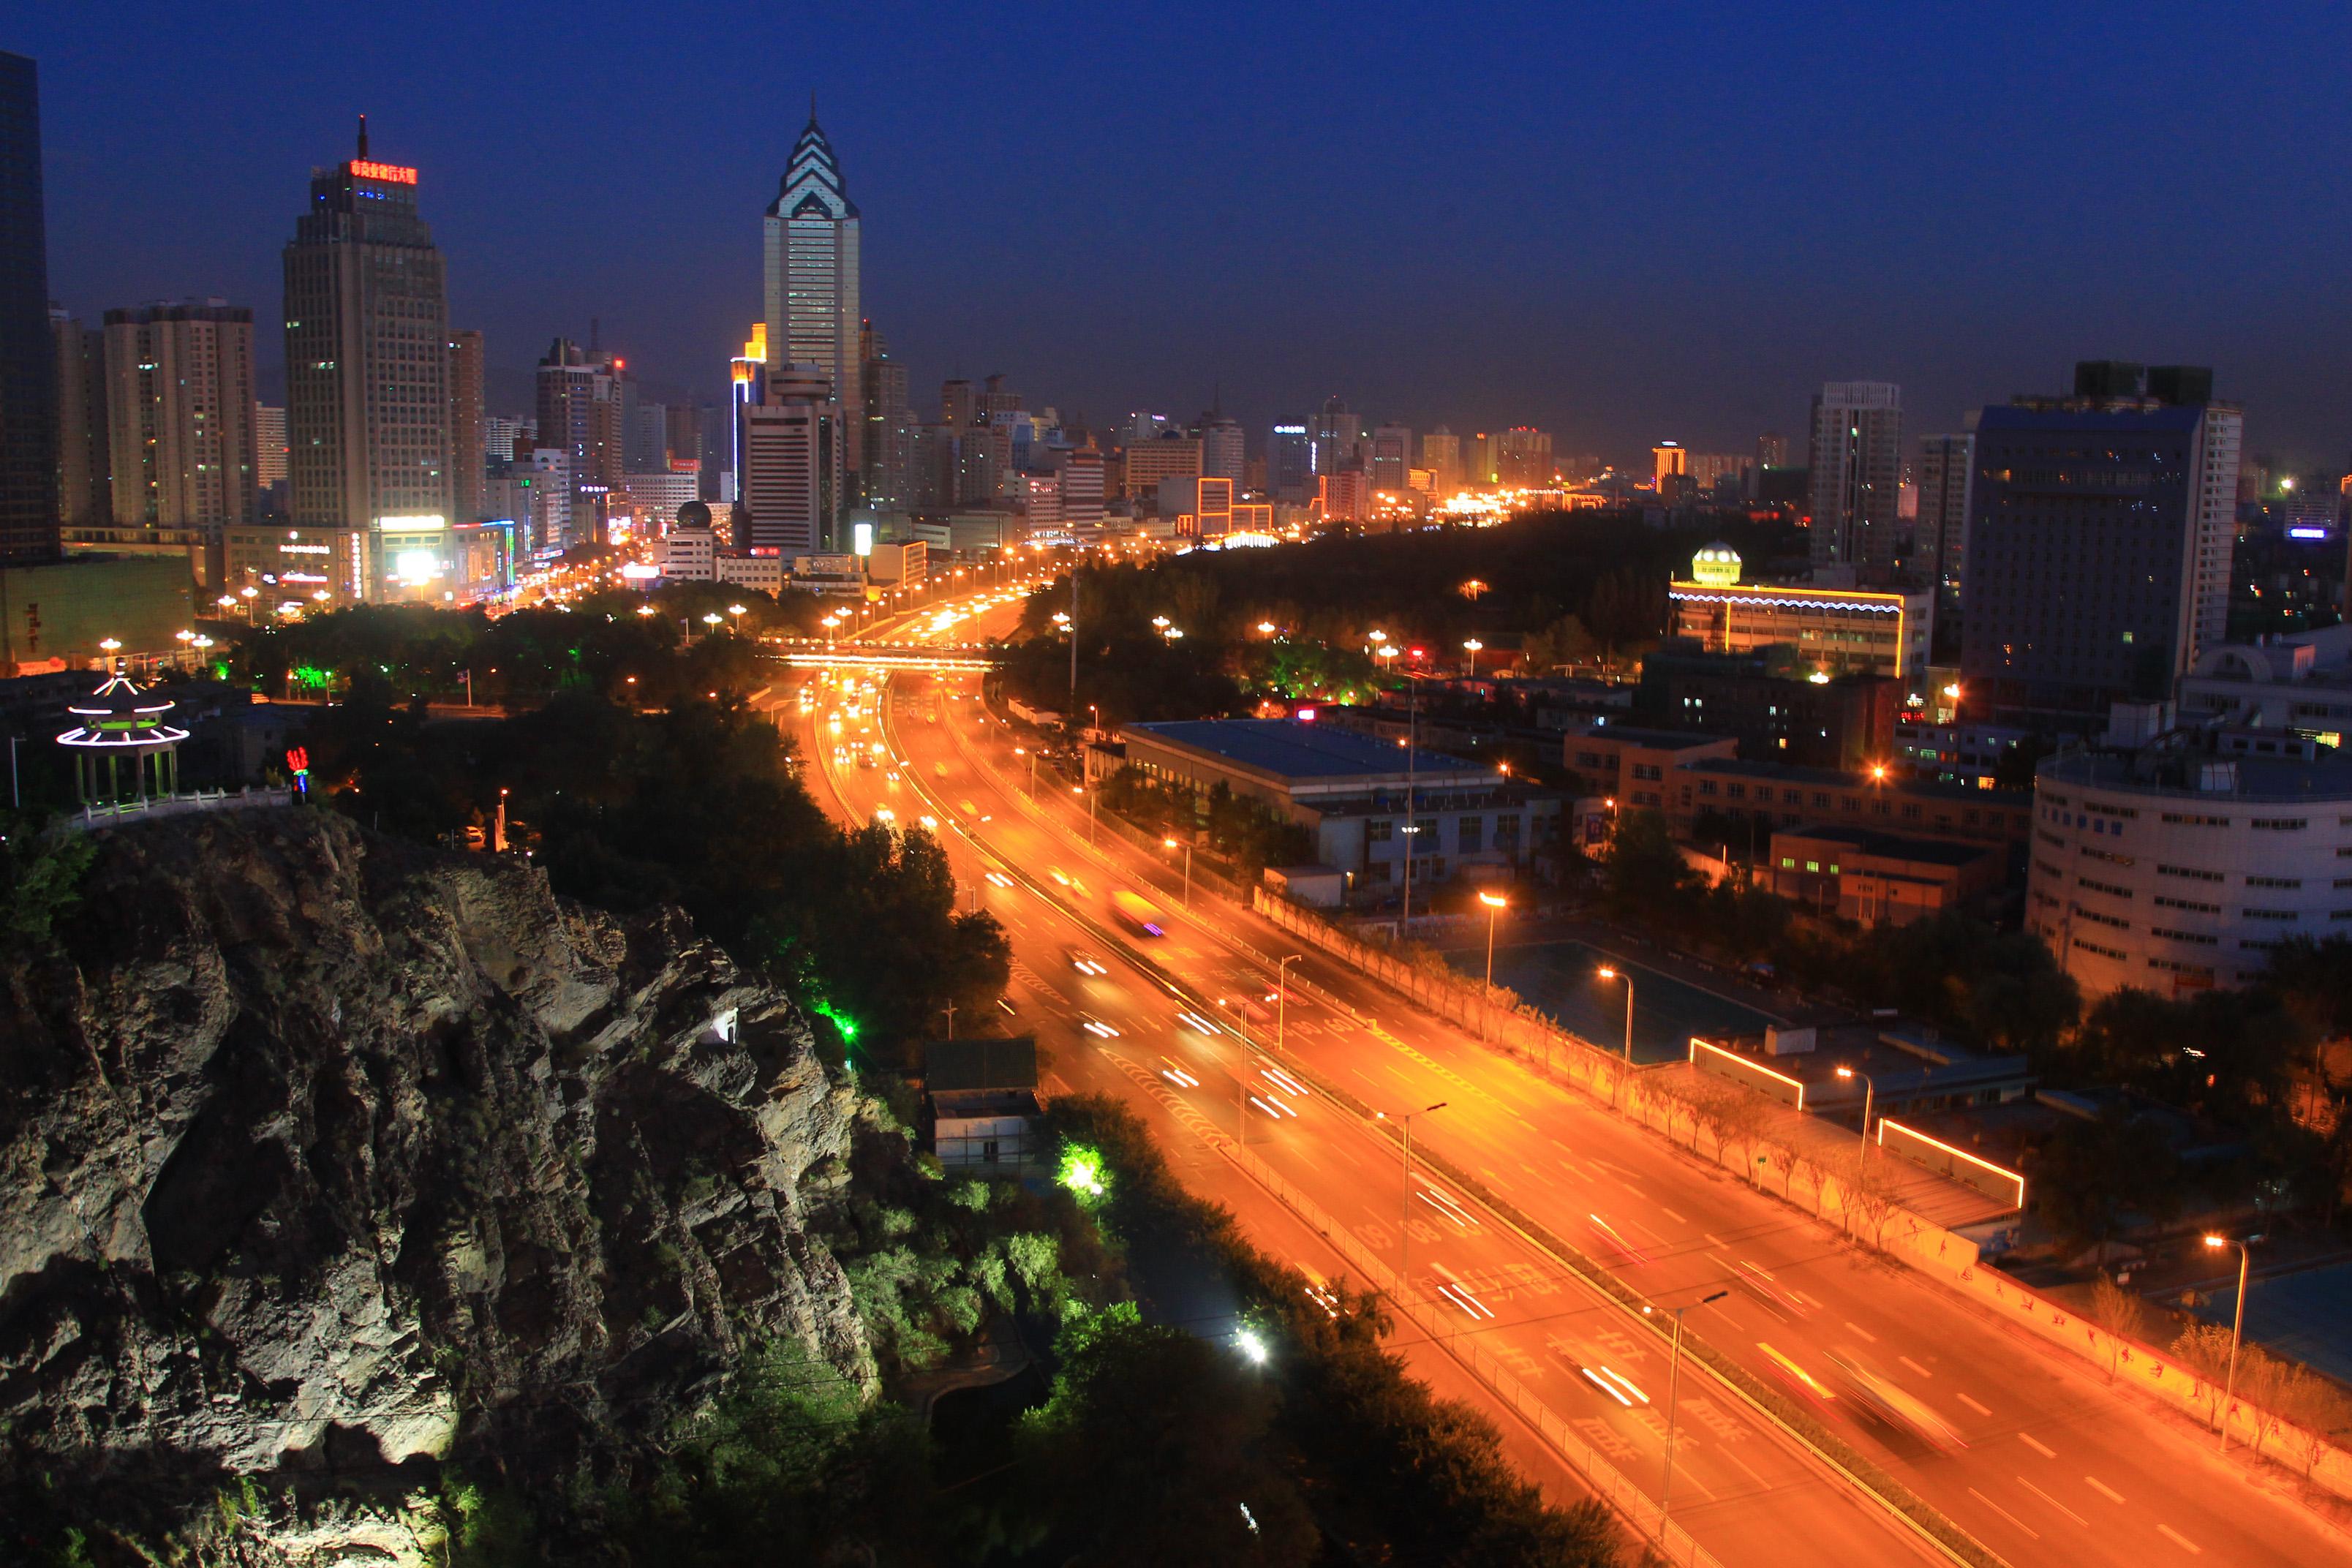 Urumqi at night.